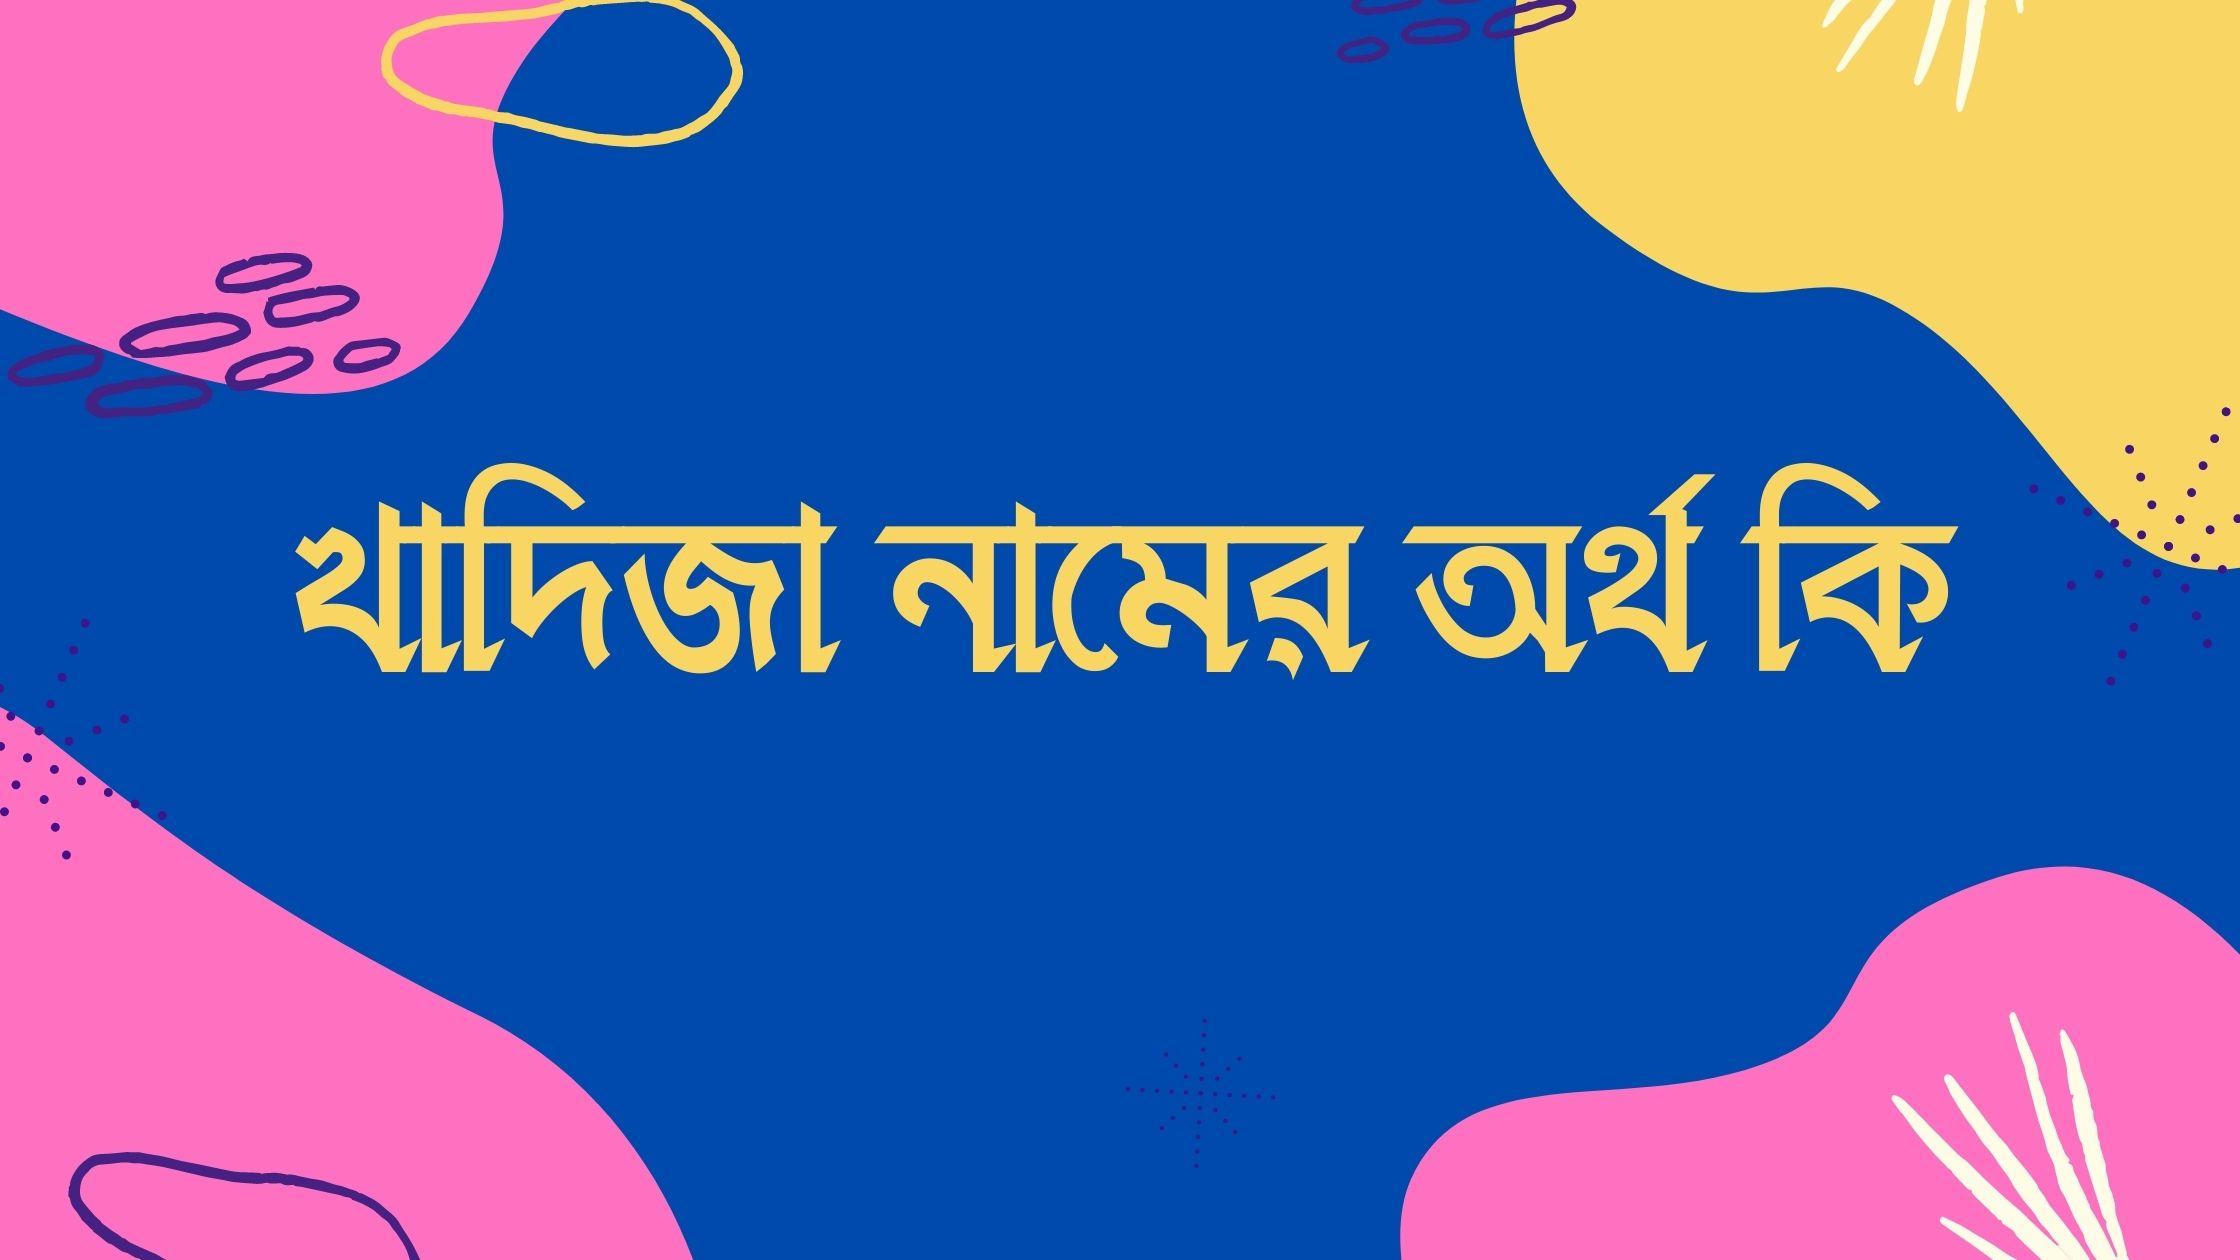 খাদিজা নামের অর্থ কি khadija namer ortho ki khadija namer ortho ki bangla